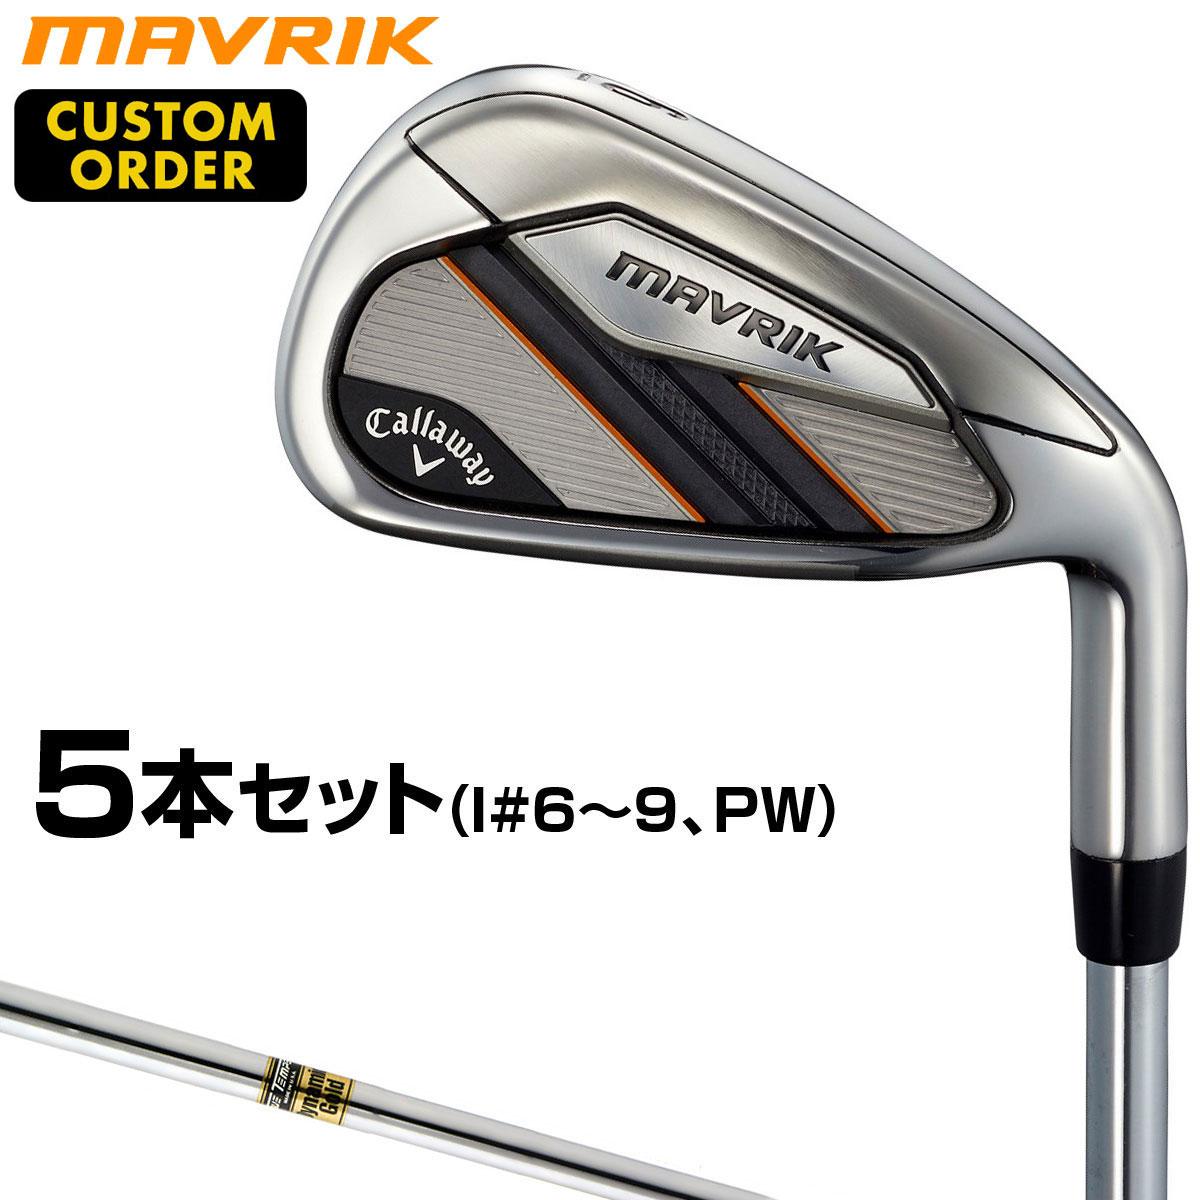 【カスタムクラブ】 Callaway(キャロウェイ)日本正規品 MAVRIK(マーベリック)アイアン 2020新製品 ダイナミックゴールドスチールシャフト 5本セット(I#6~9、PW)